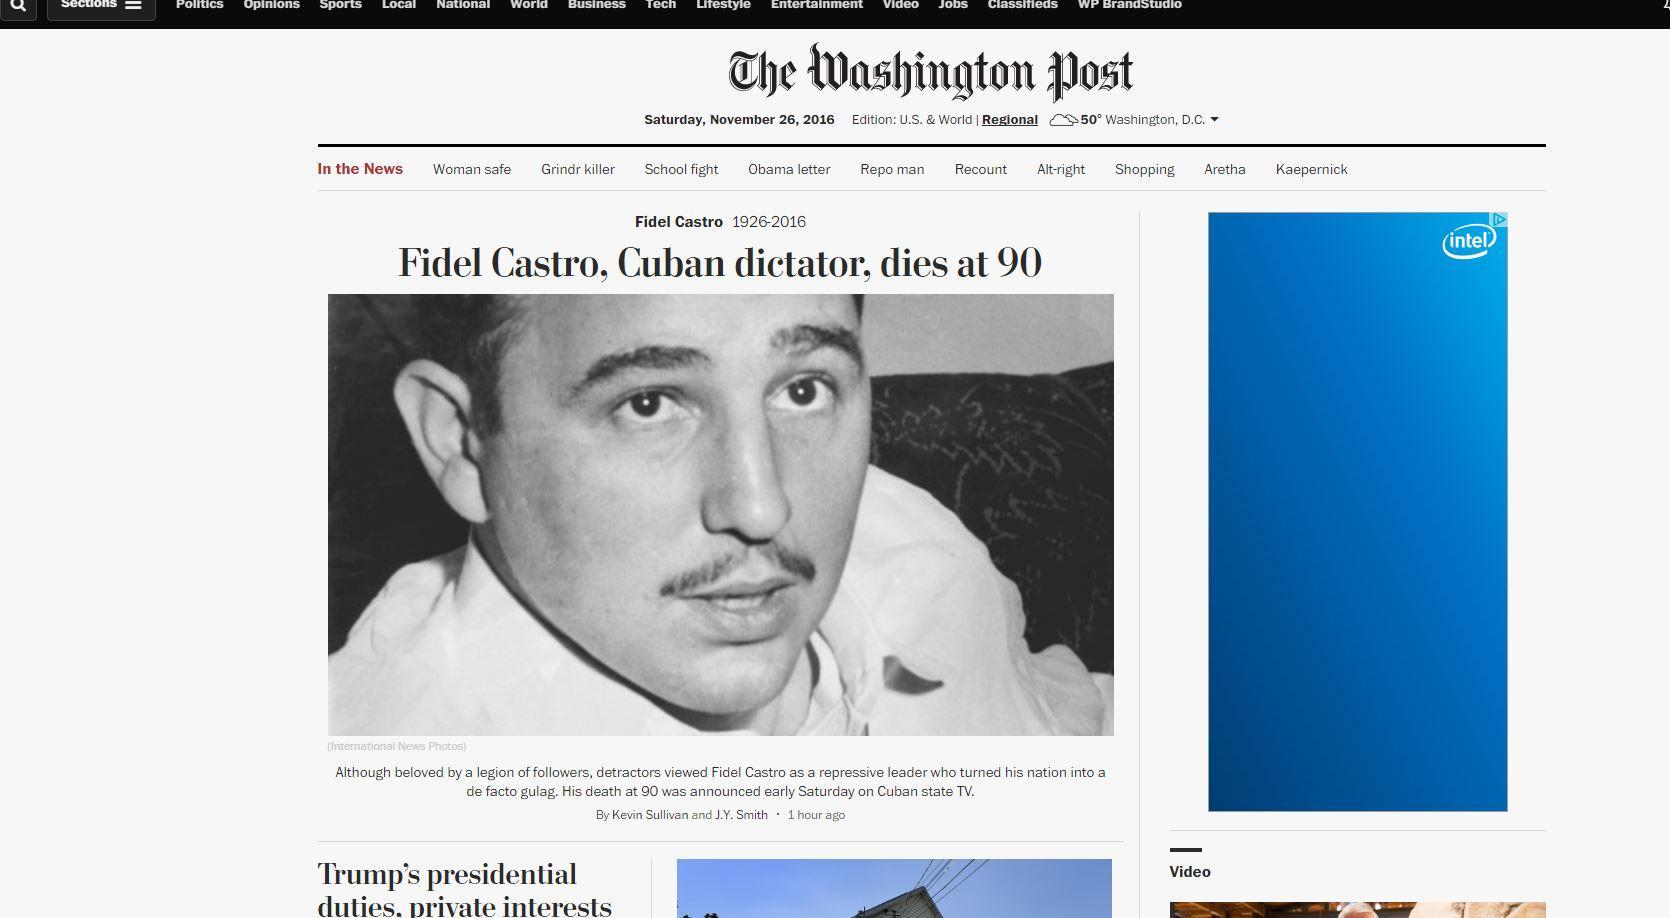 La notizia della morte di Fidel Castro fa il giro del mondo